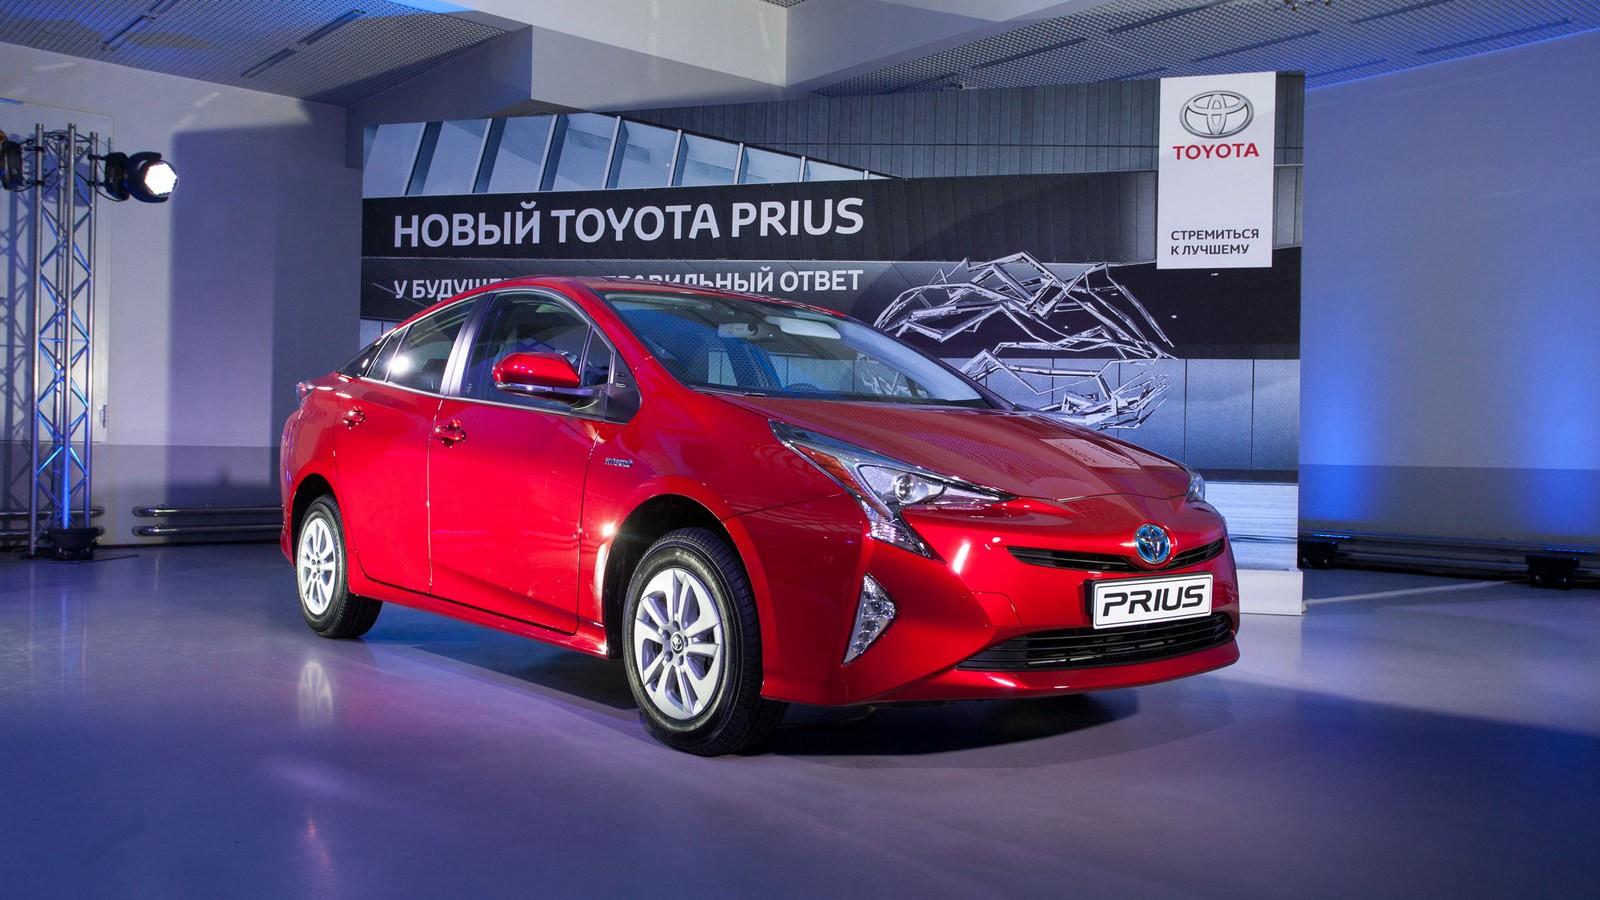 Toyota_Prius_presentation_27.03.2017_MoscoToyota_Prius_presentation_27.03.2017_Moscow (lo-res)-3